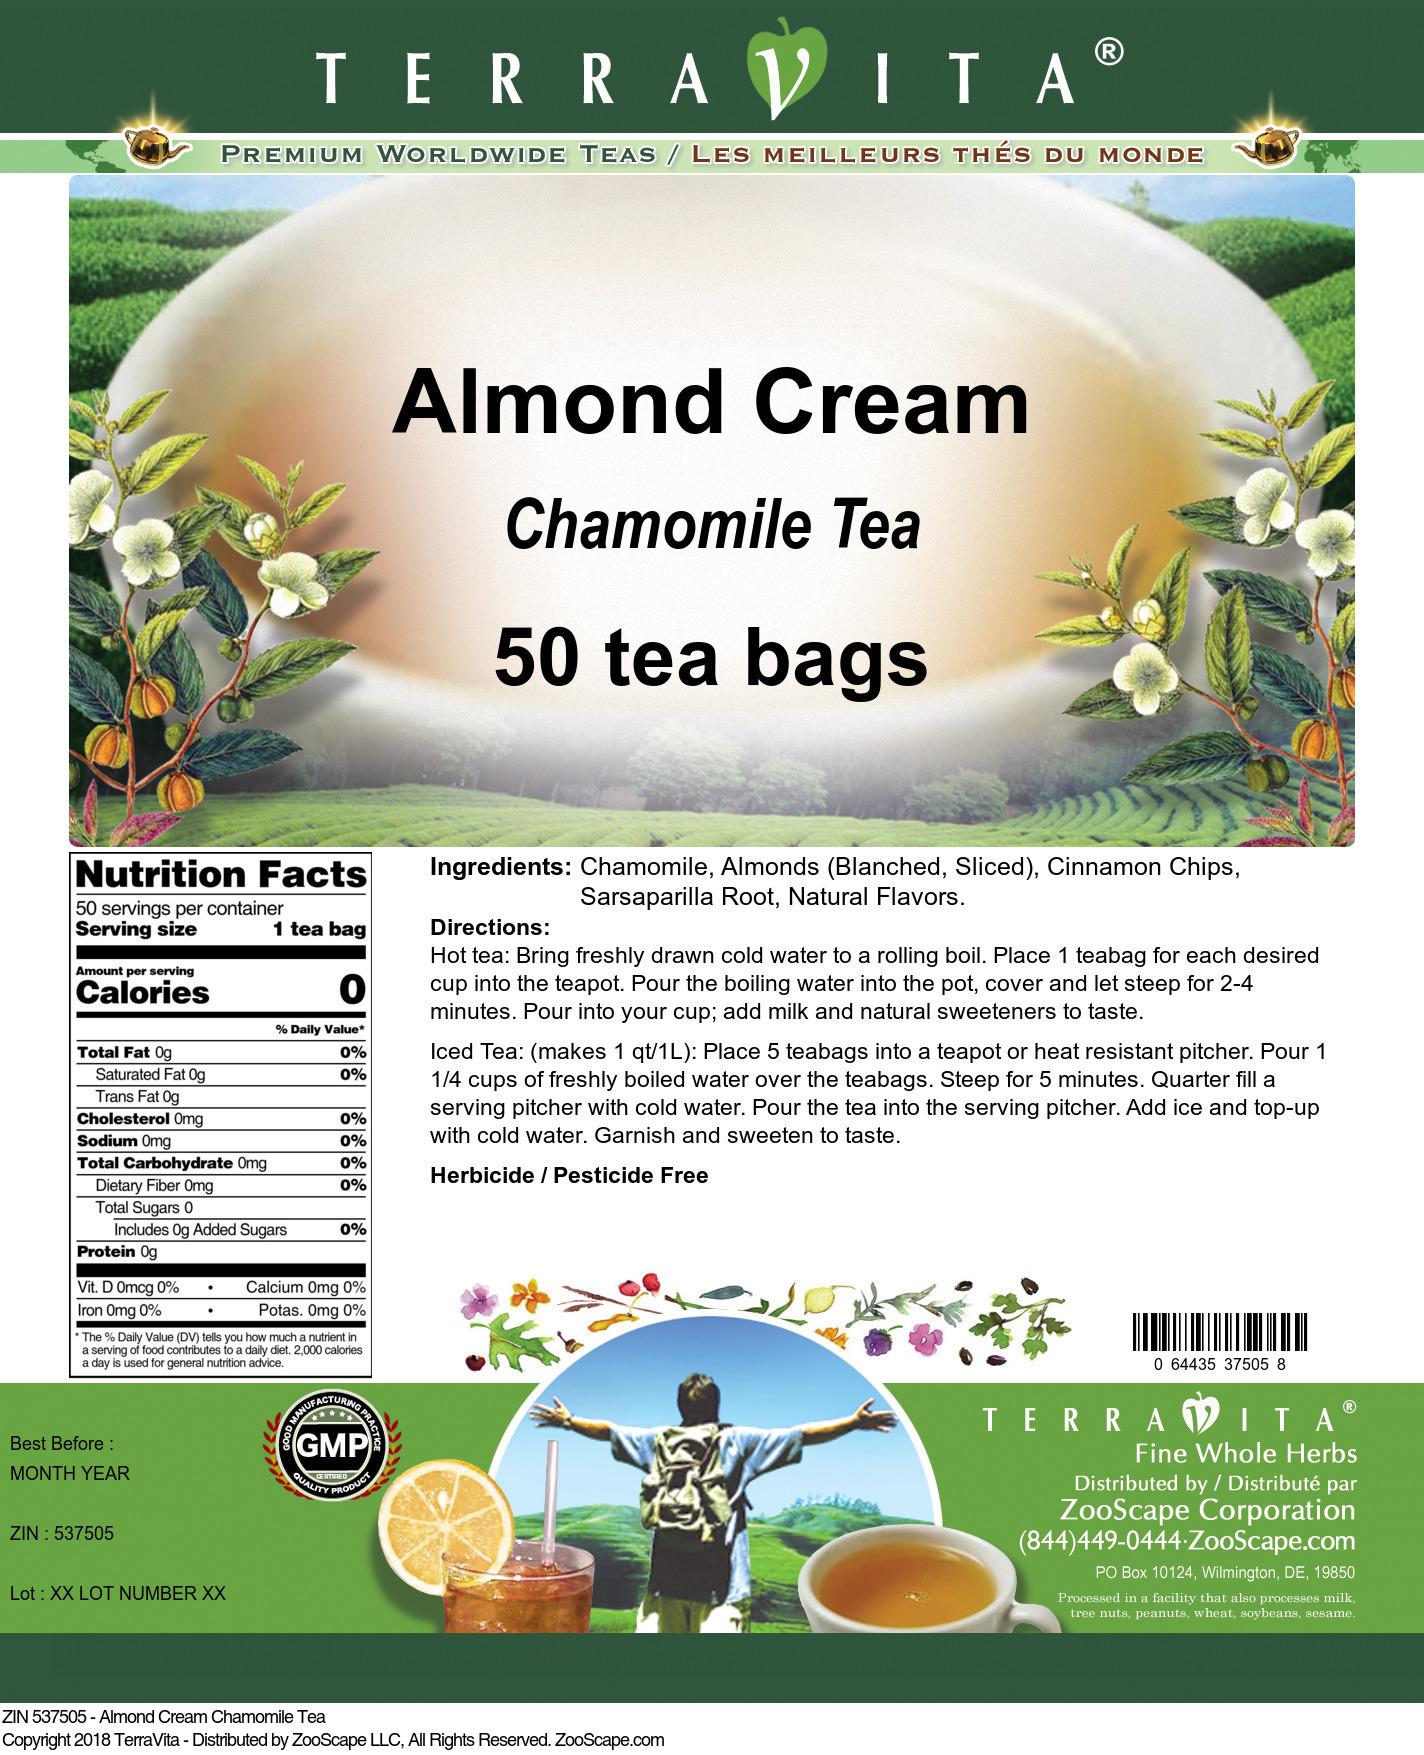 Almond Cream Chamomile Tea